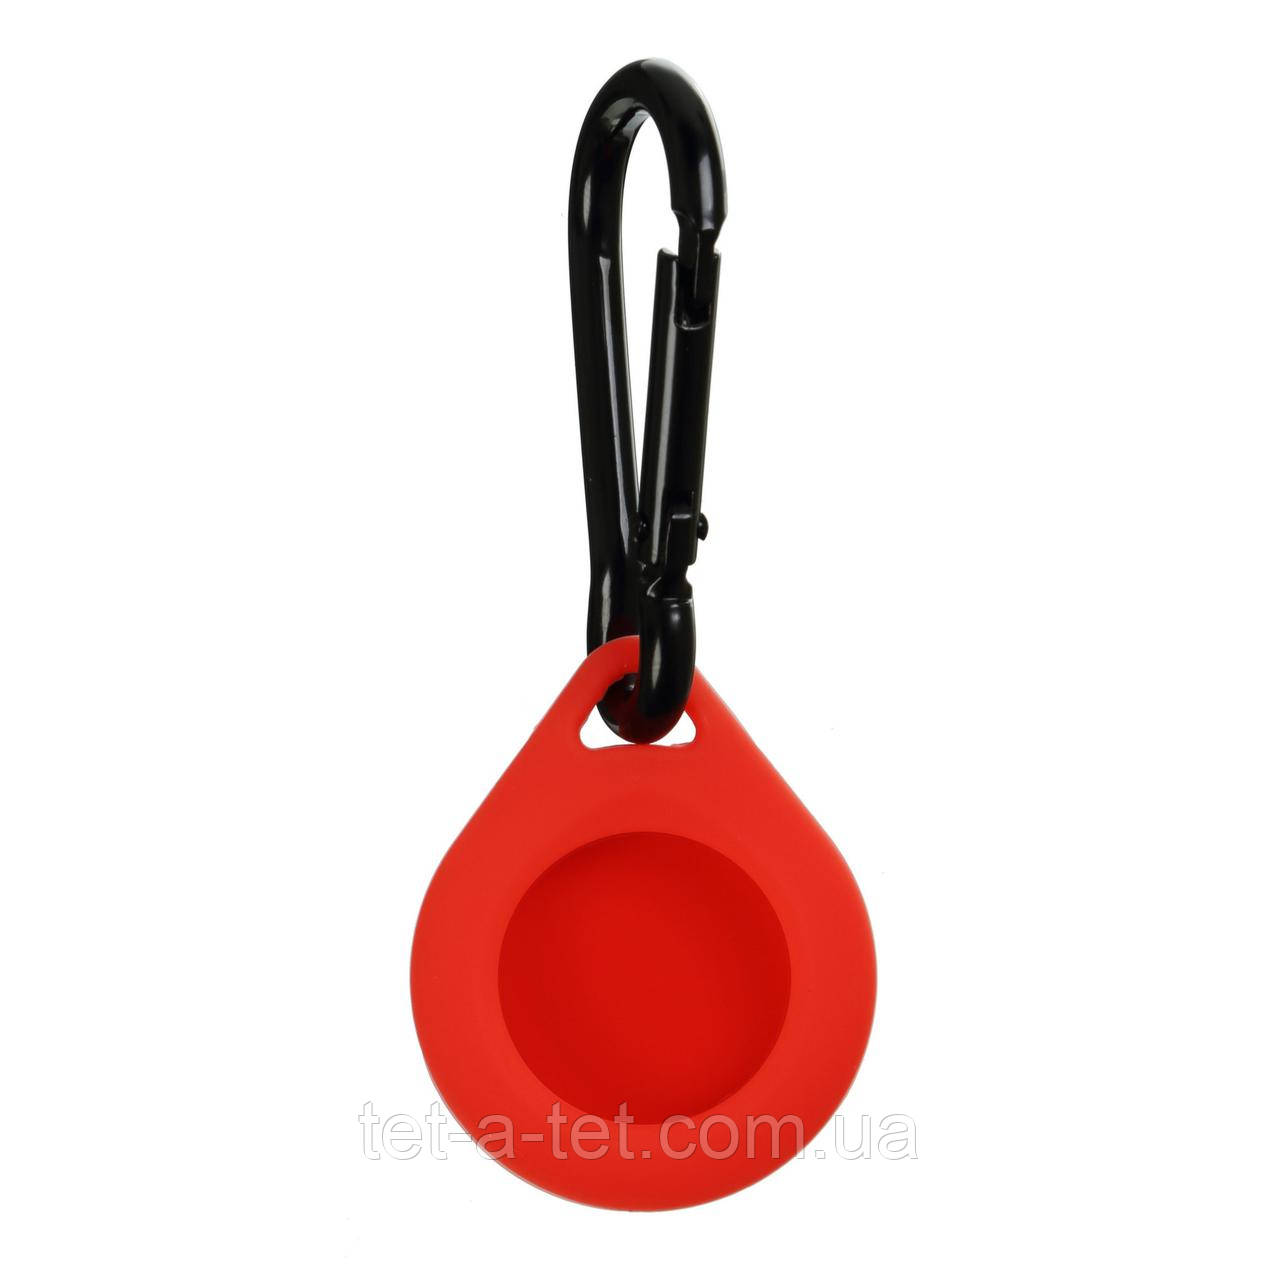 Силіконовий брелок з карабіном для Apple AirTag Red (червоний)